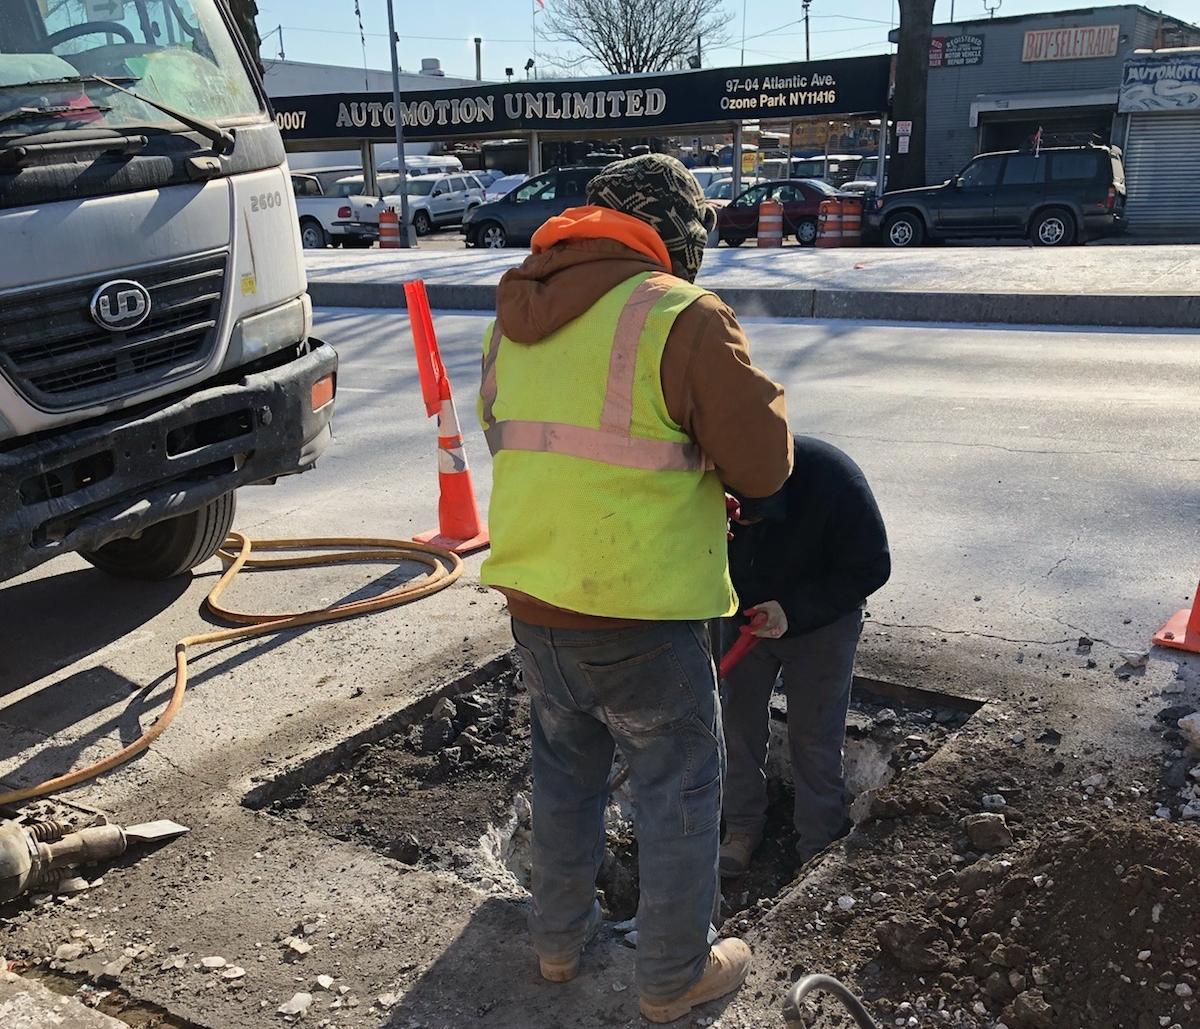 纽约水管维修服务 /法拉盛通下水道  电话:646-932-6788  顺通水管